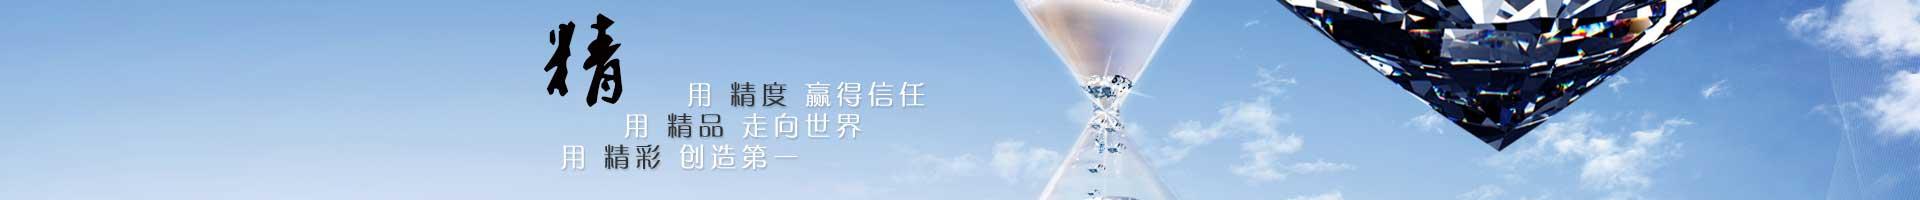 invons TMK-G22台式笔记本电脑麦克风YY语音聊天k歌家用录音话筒